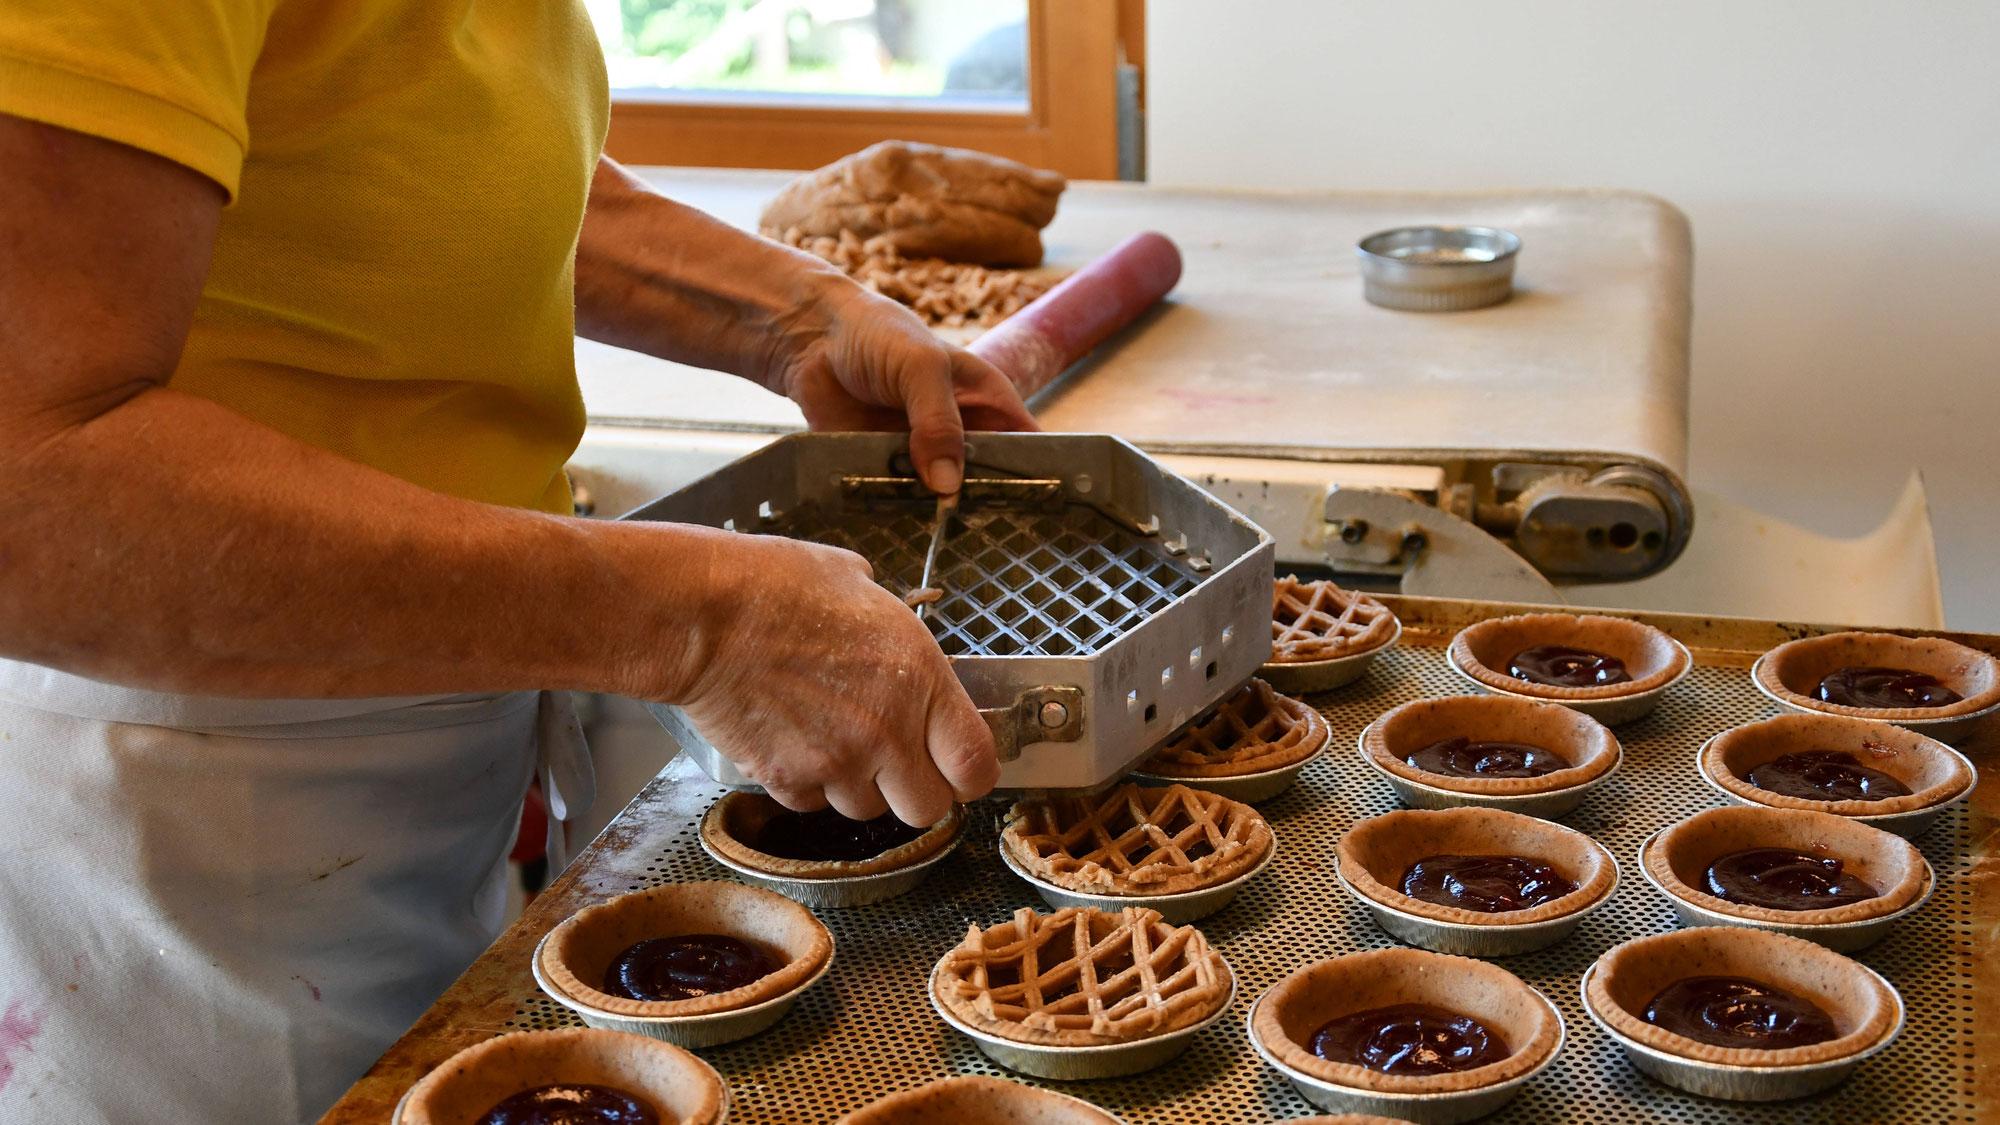 «Frisches, fein duftendes Brot, leckere Patisserie und viele regionale Produkte für ein feines Zmorge im Knuspereggen in Schwanden»